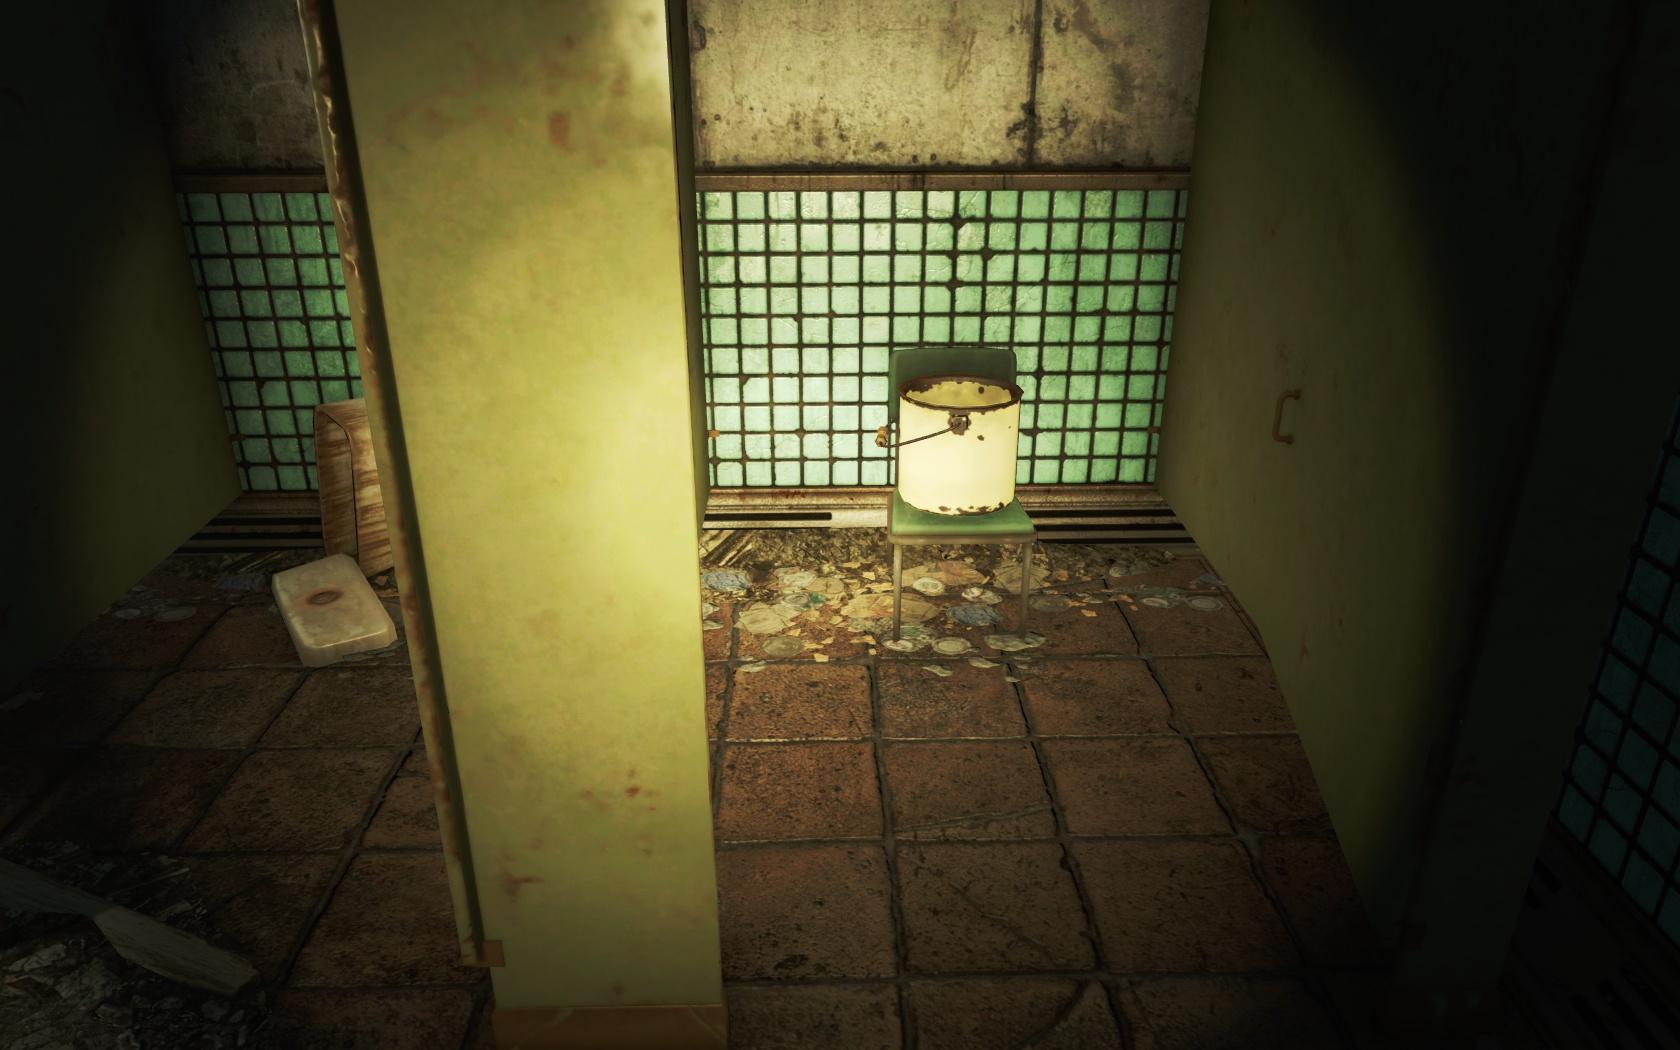 Если все кабинки заняты, но очень нужно... (Станция Парк-стрит) - Fallout 4 Парк-стрит, Станция, Станция Парк-стрит